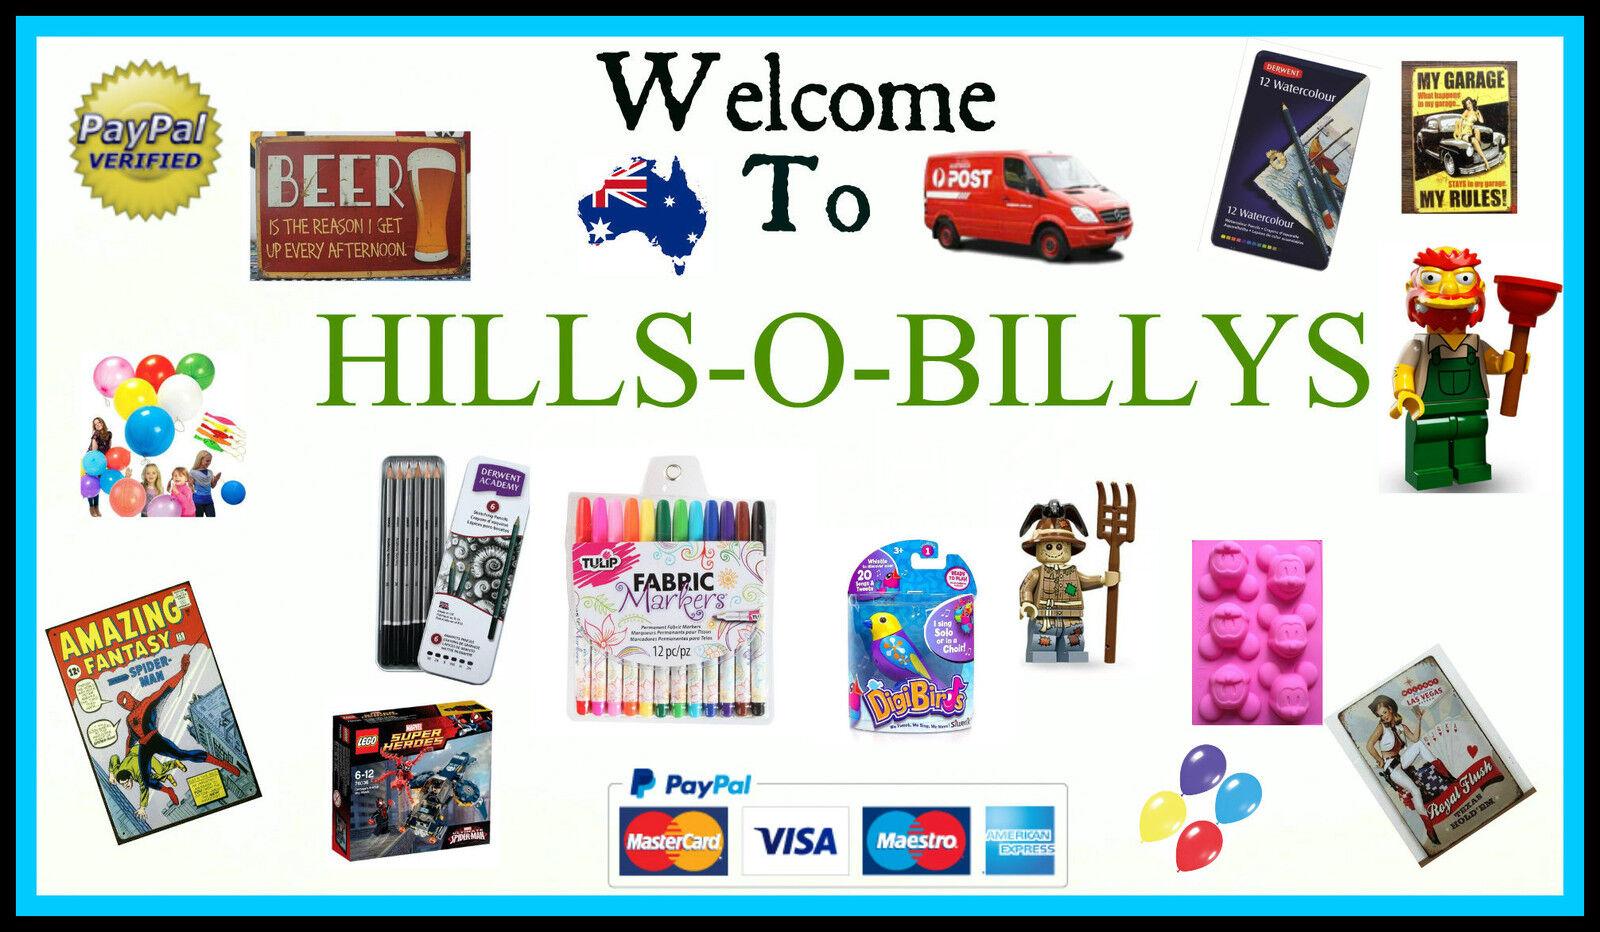 HILLS-O-BILLYS